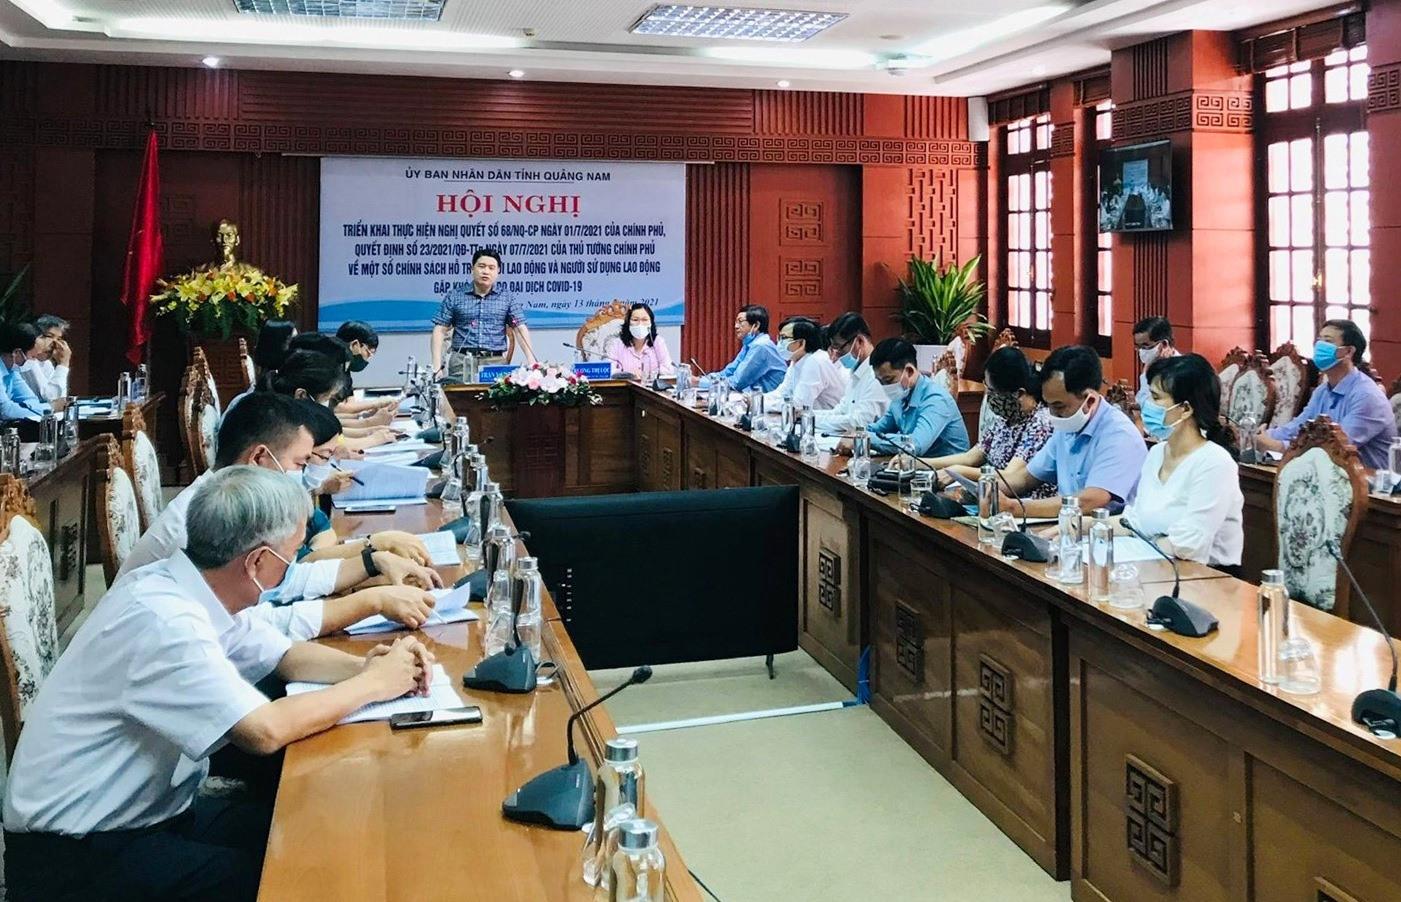 Phó Chủ tịch UBND tỉnh Trần Văn Tân chủ trì cuộc họp